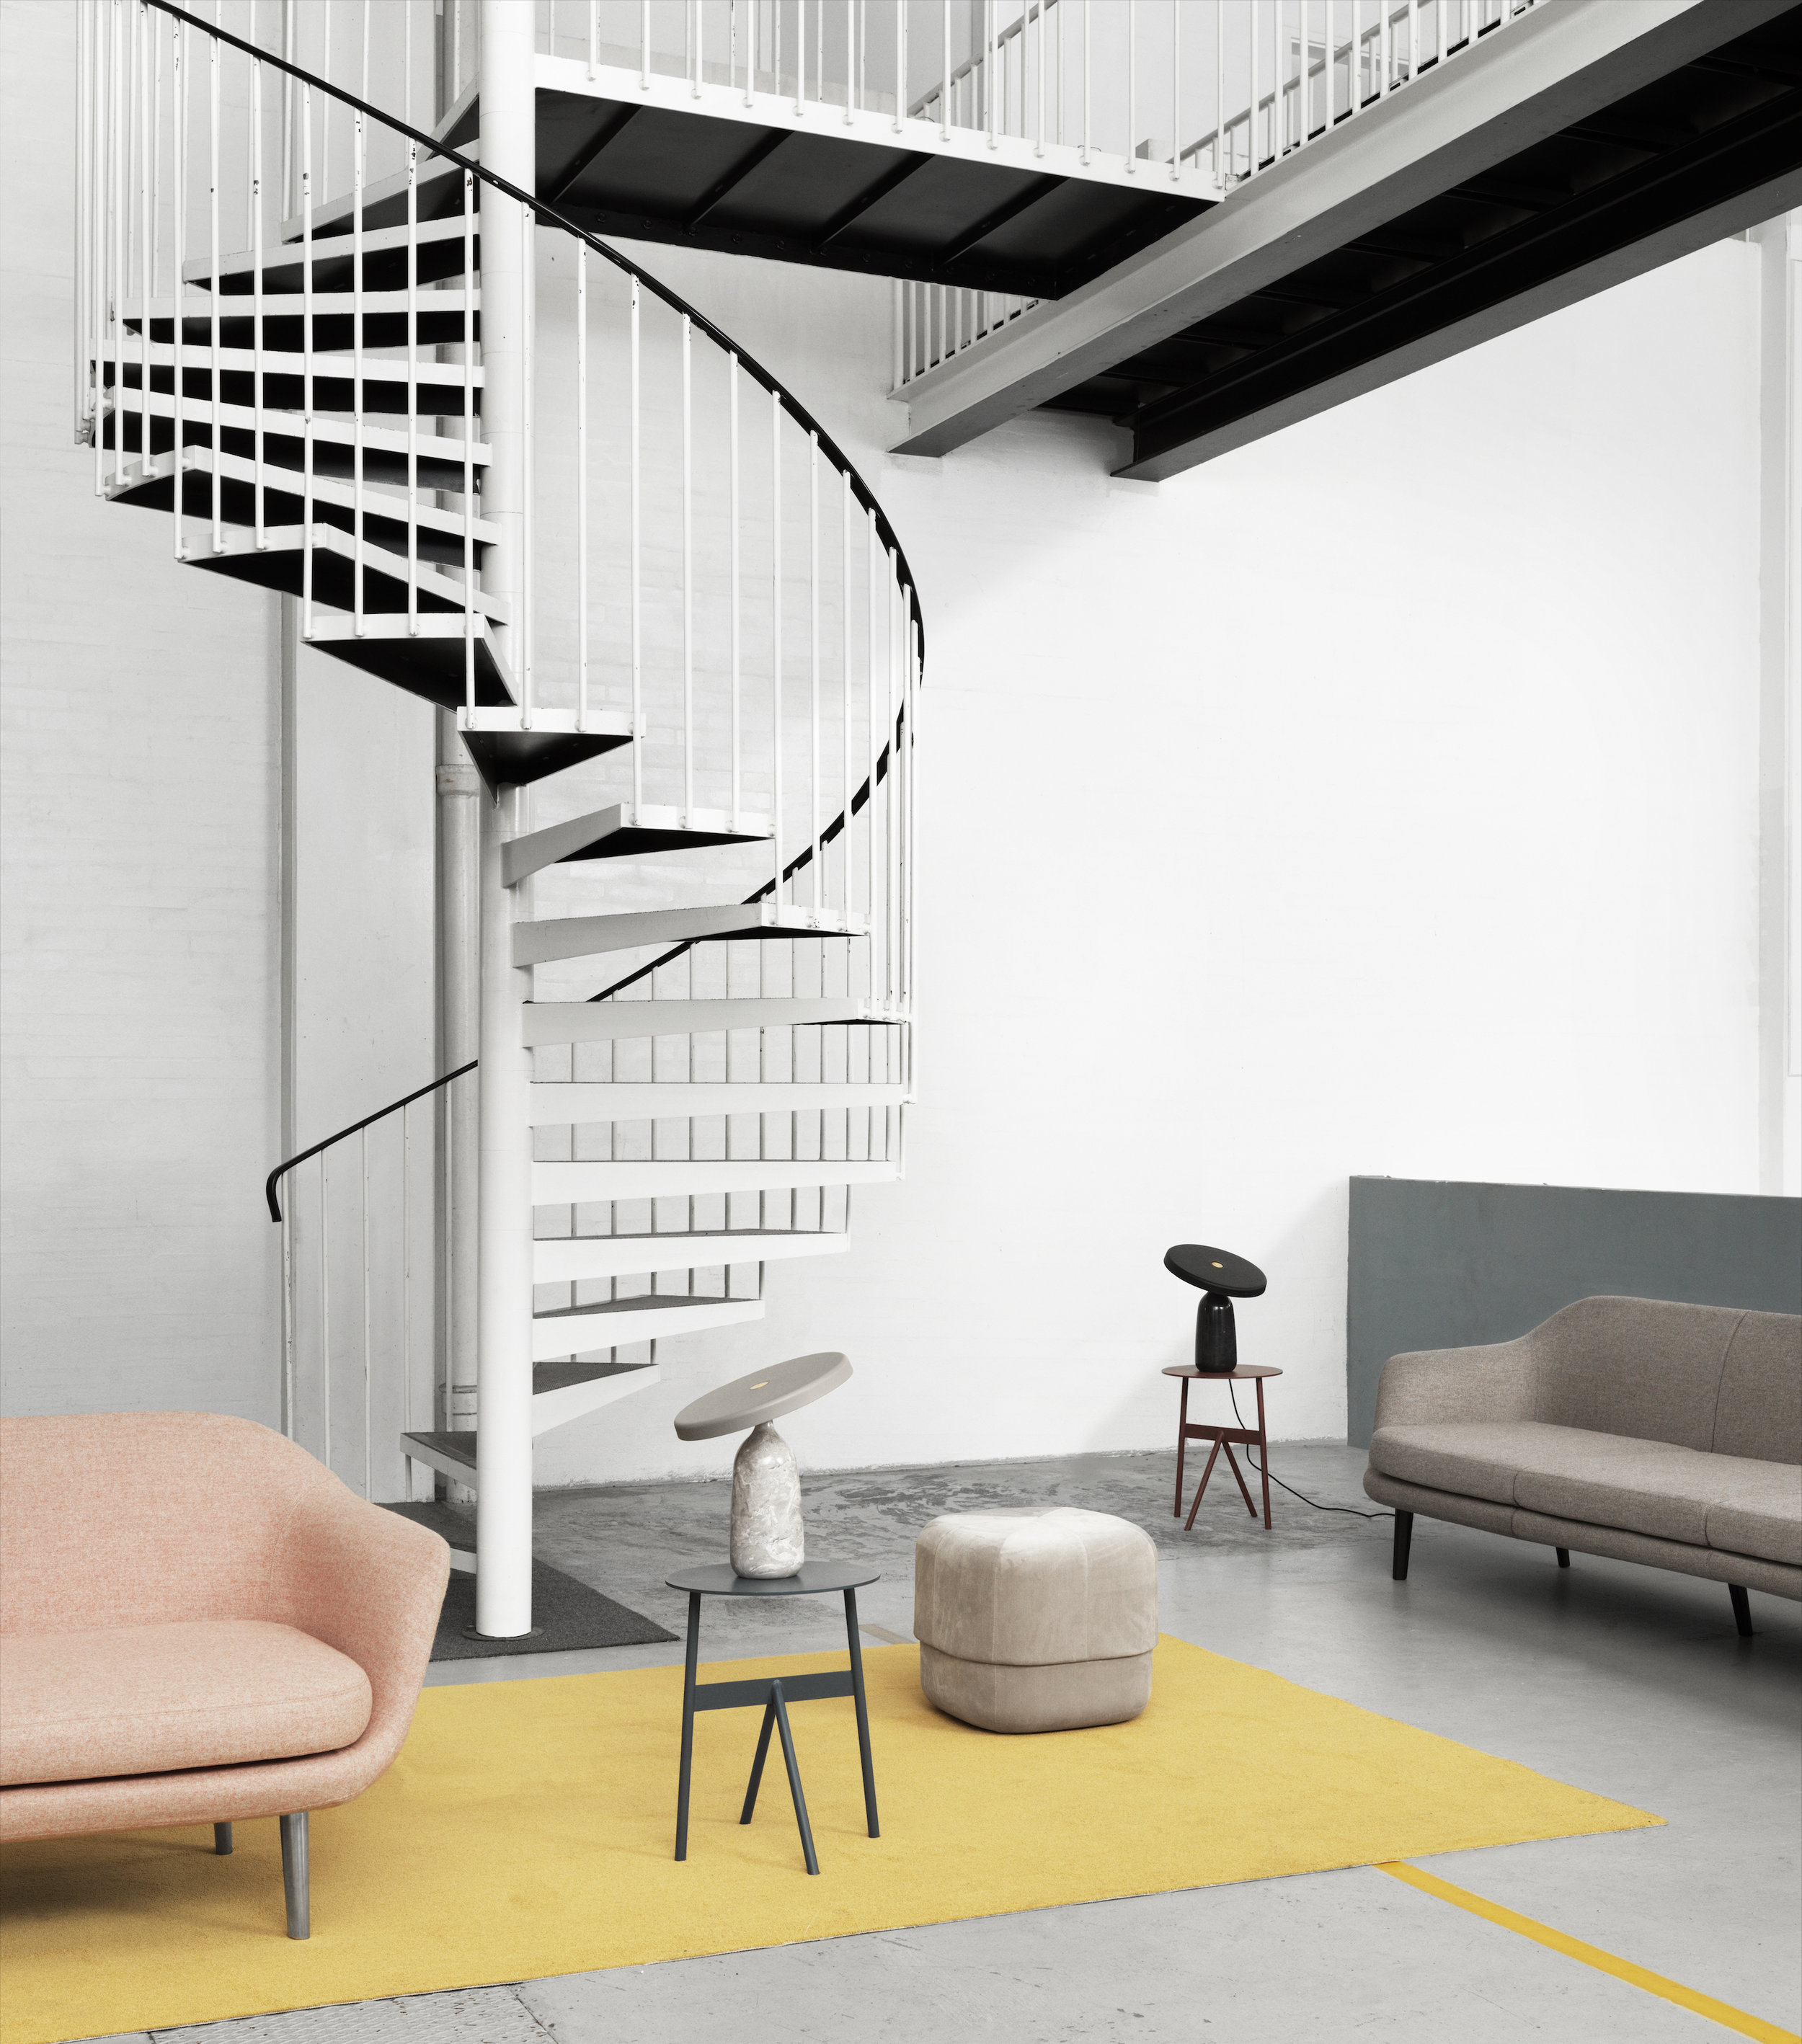 Image credit: Normann Copenhagen - Sum Sofa